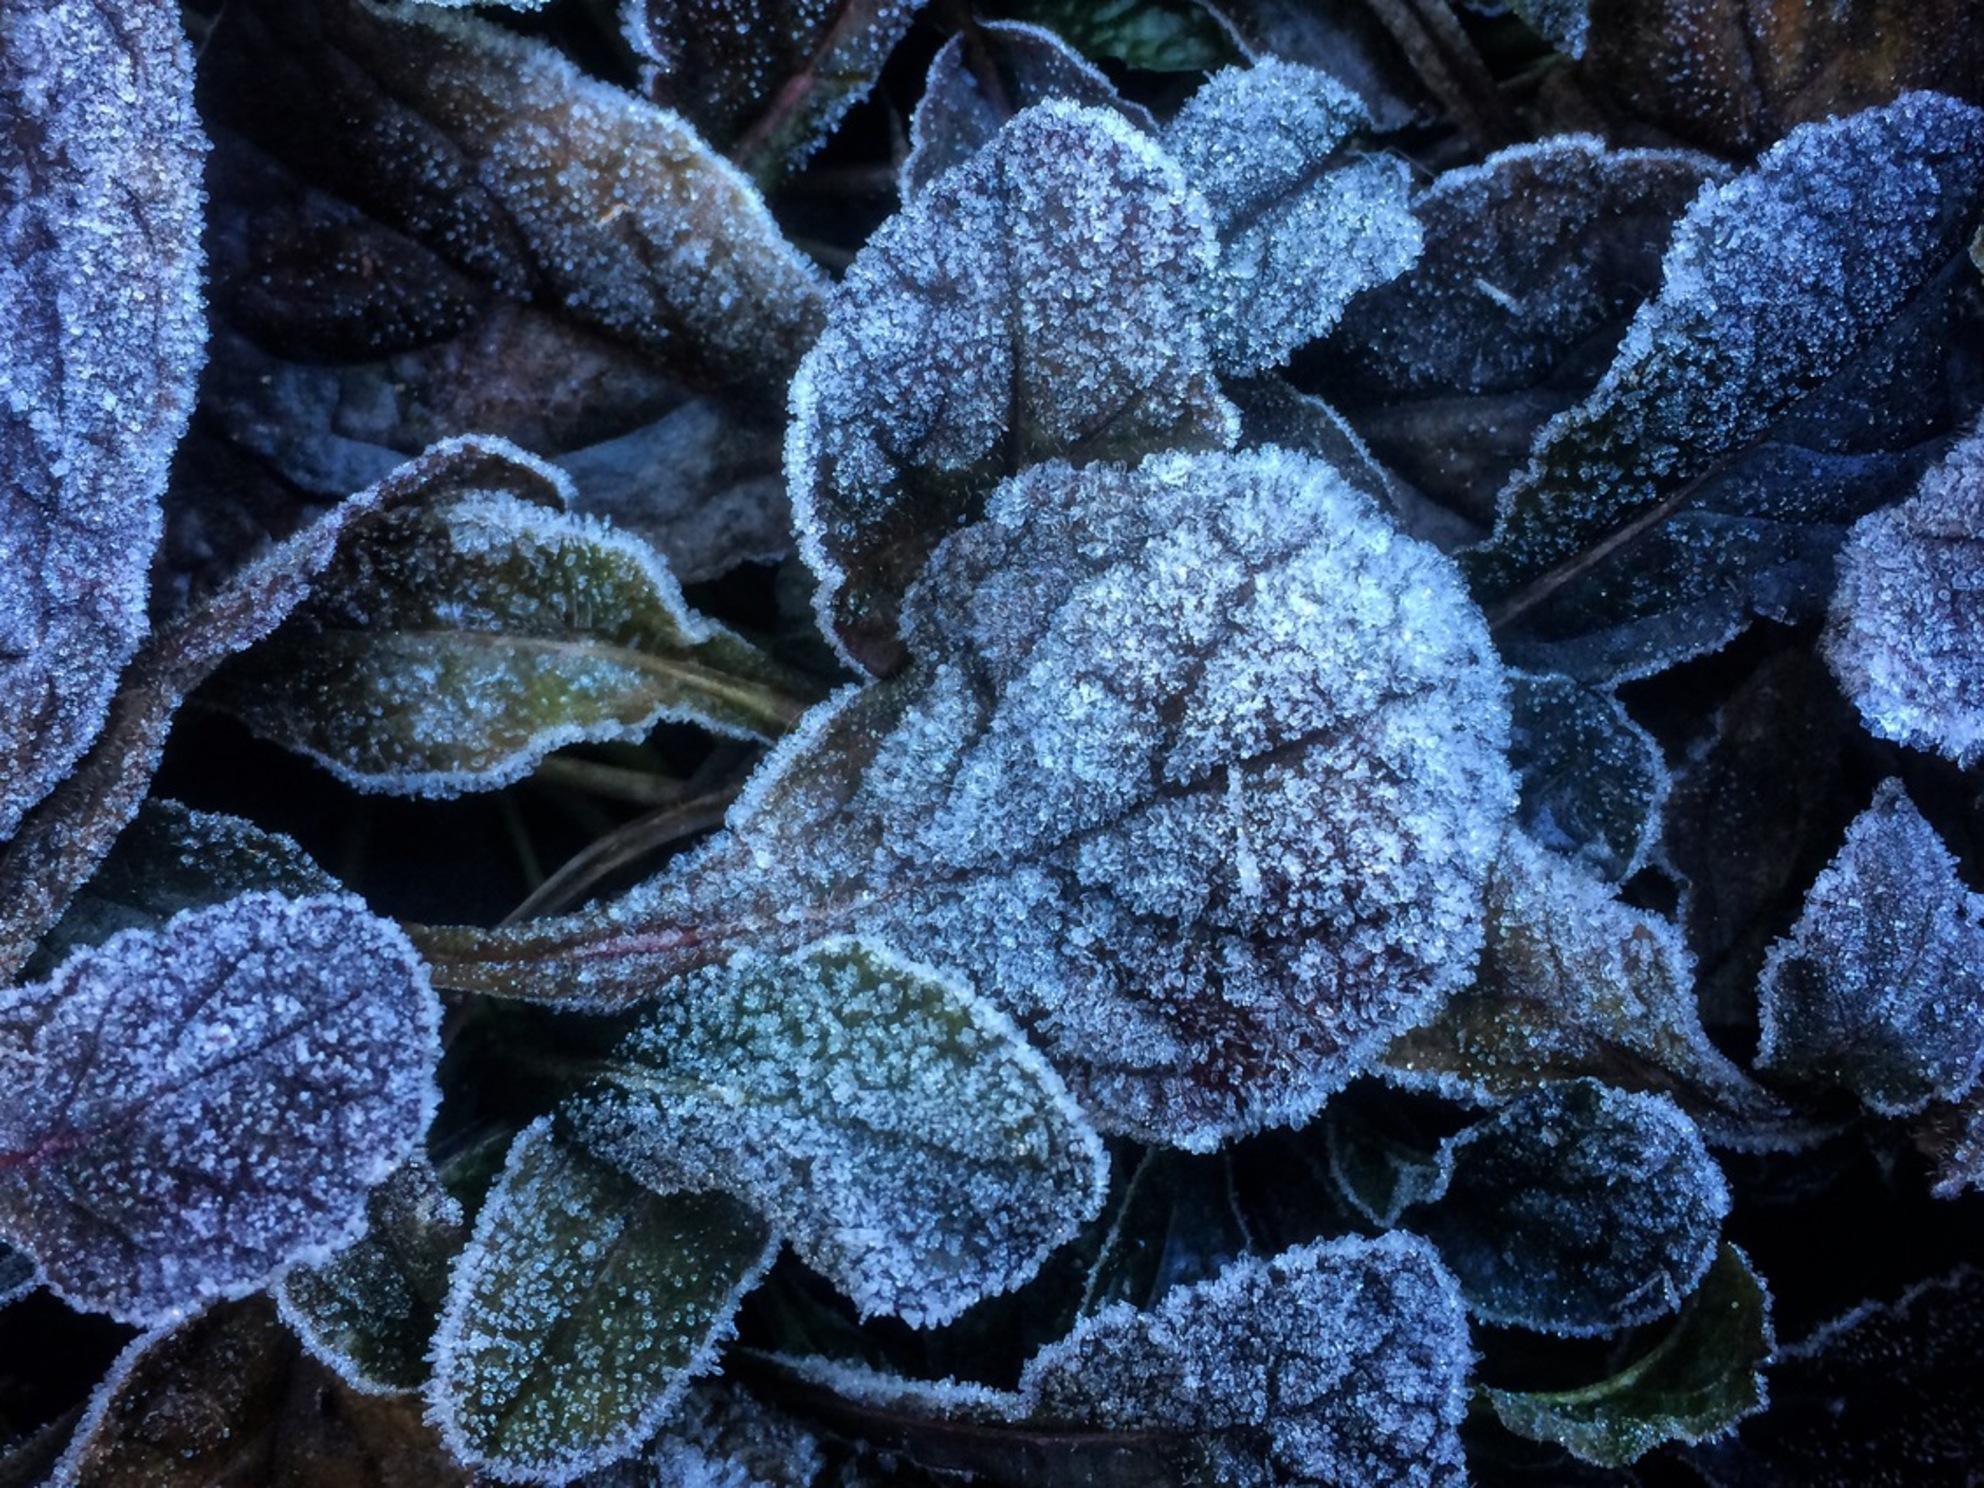 Vorst - Een ijskoude ochtend met een prachtig ijslaagje over de planten. - foto door convust op 29-11-2016 - deze foto bevat: plant, herfst, tuin, rijp, blad, vorst